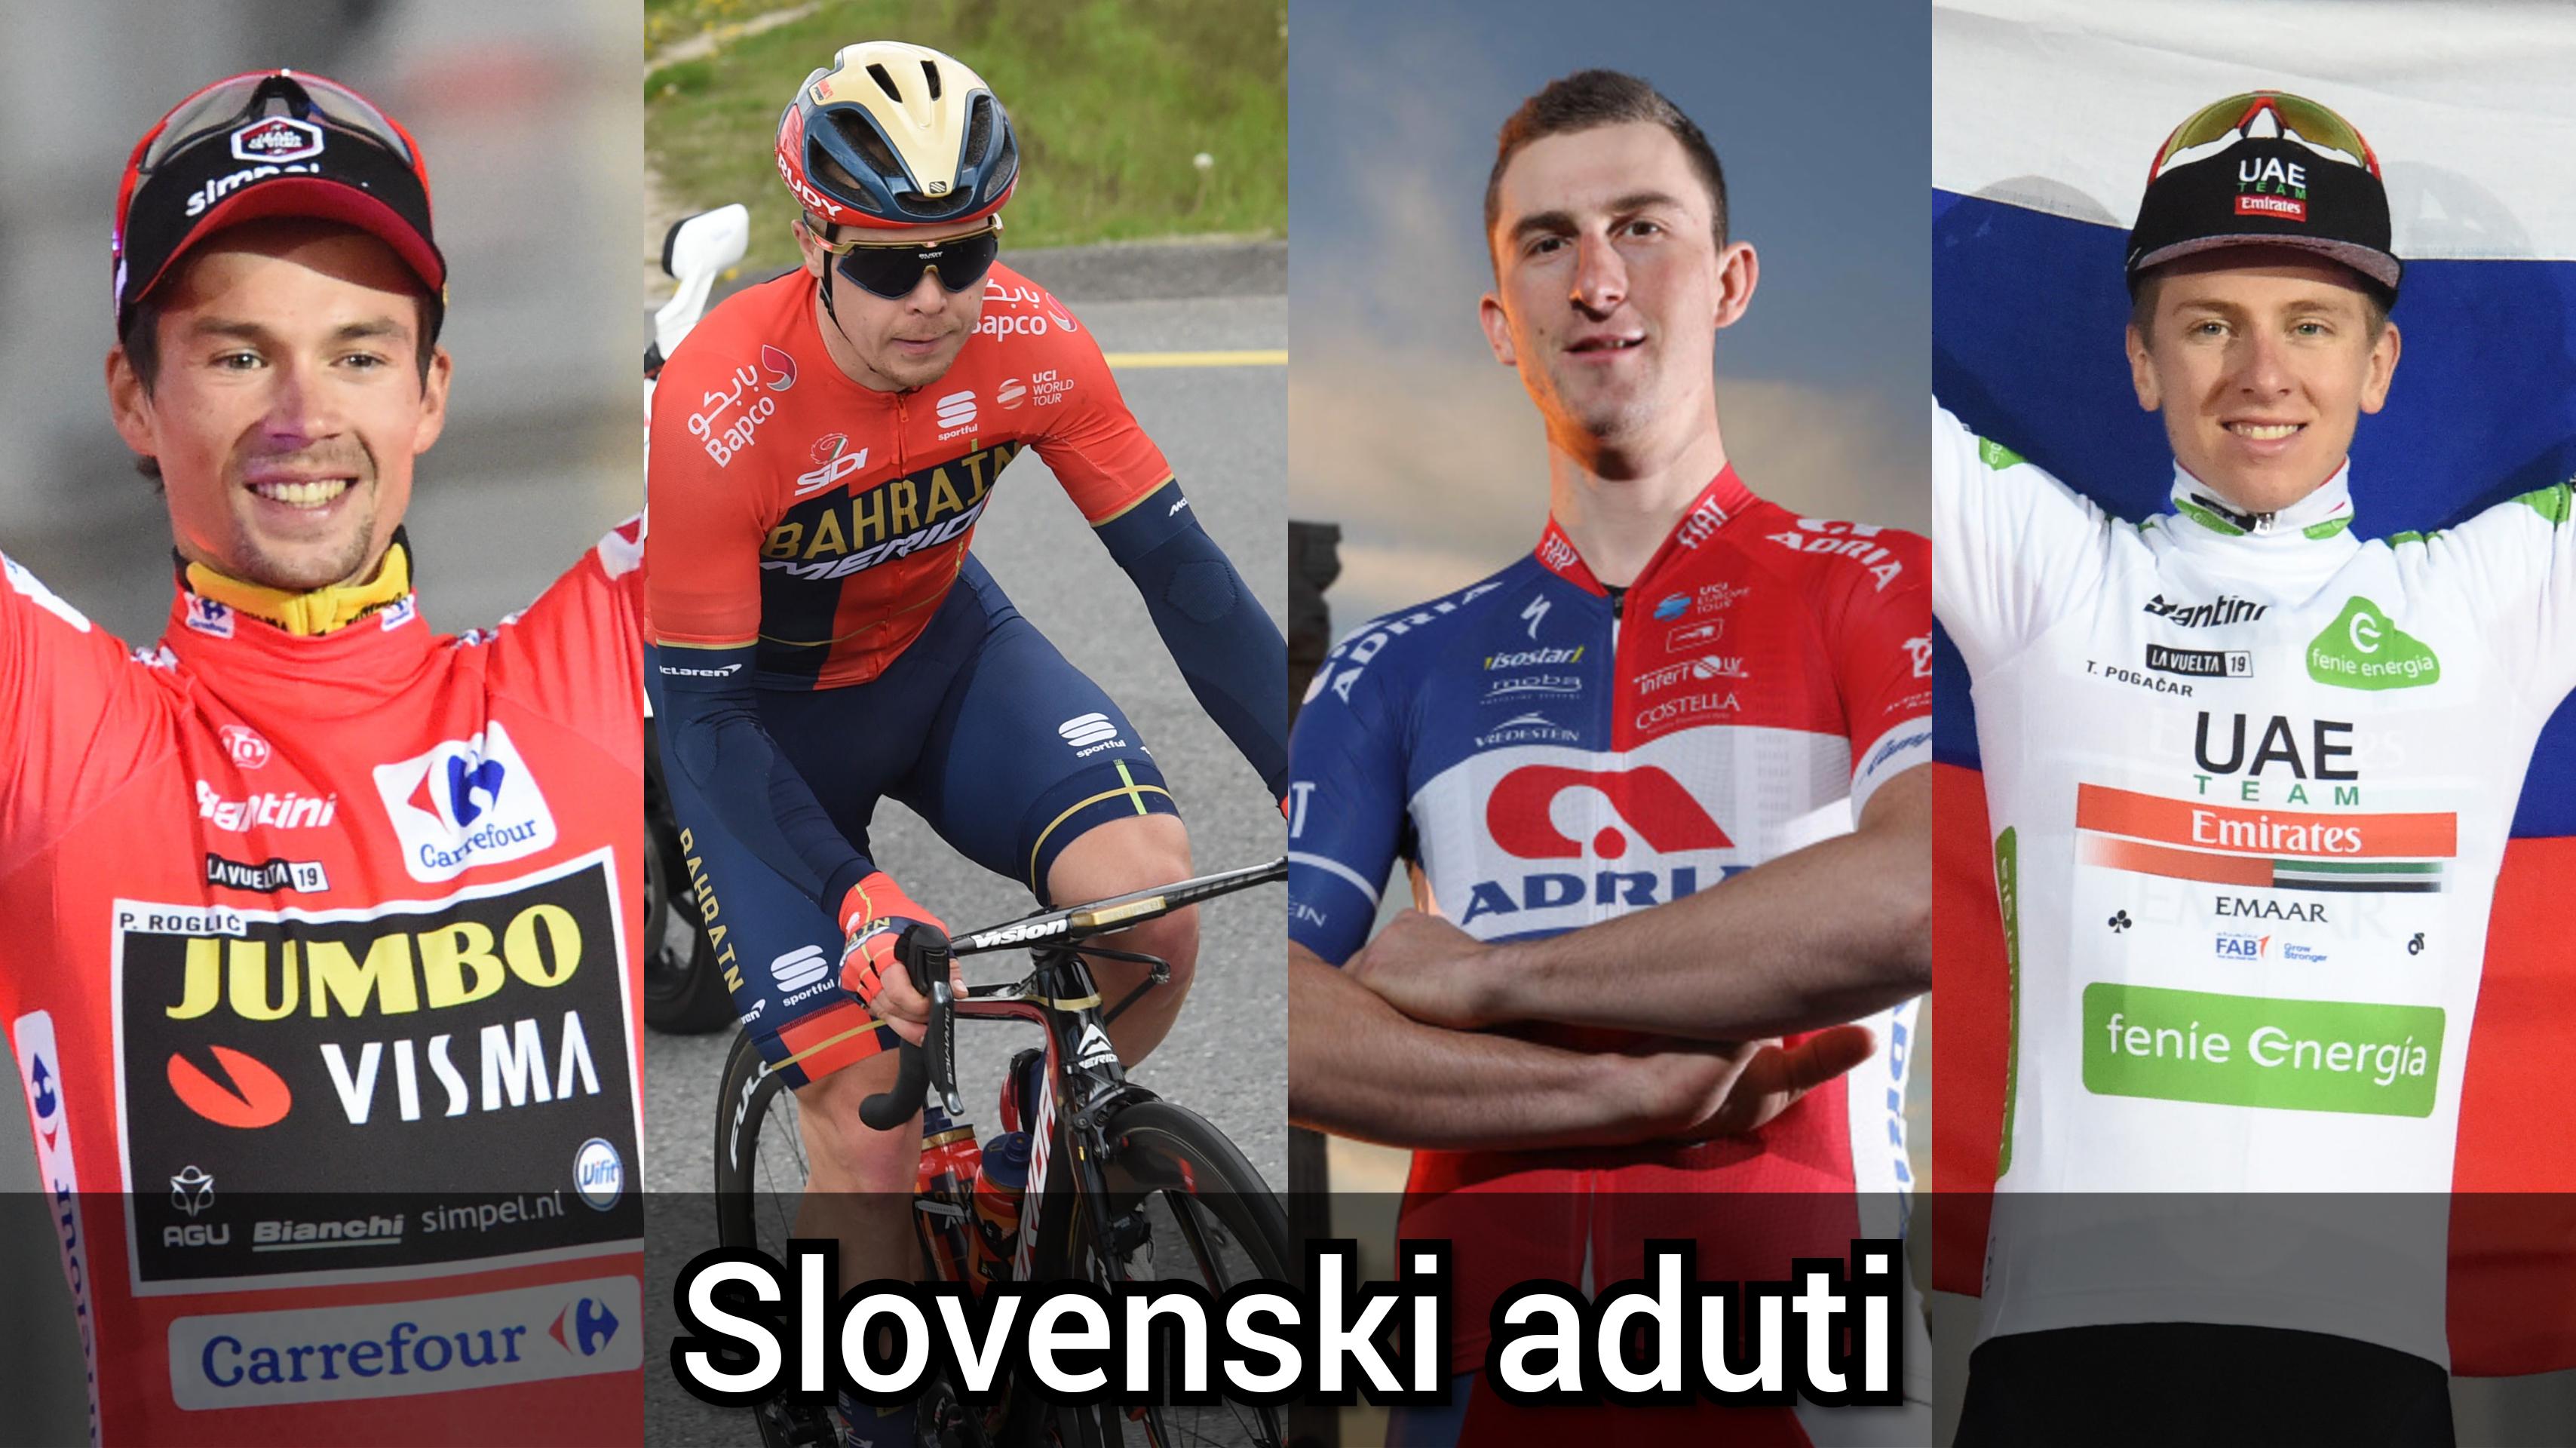 Slovenski aduti: Roglič, Pogačar, Tratnik in Per